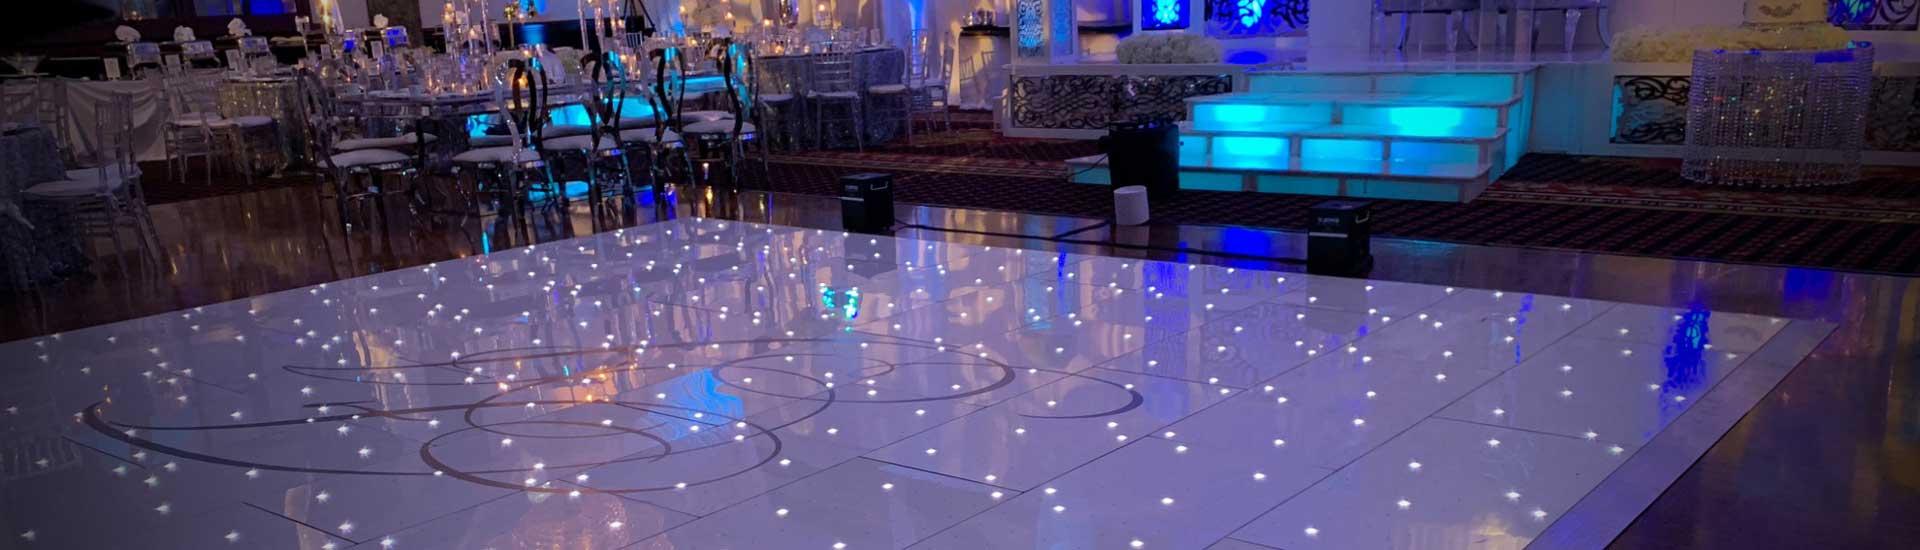 lgbt-dance-floor